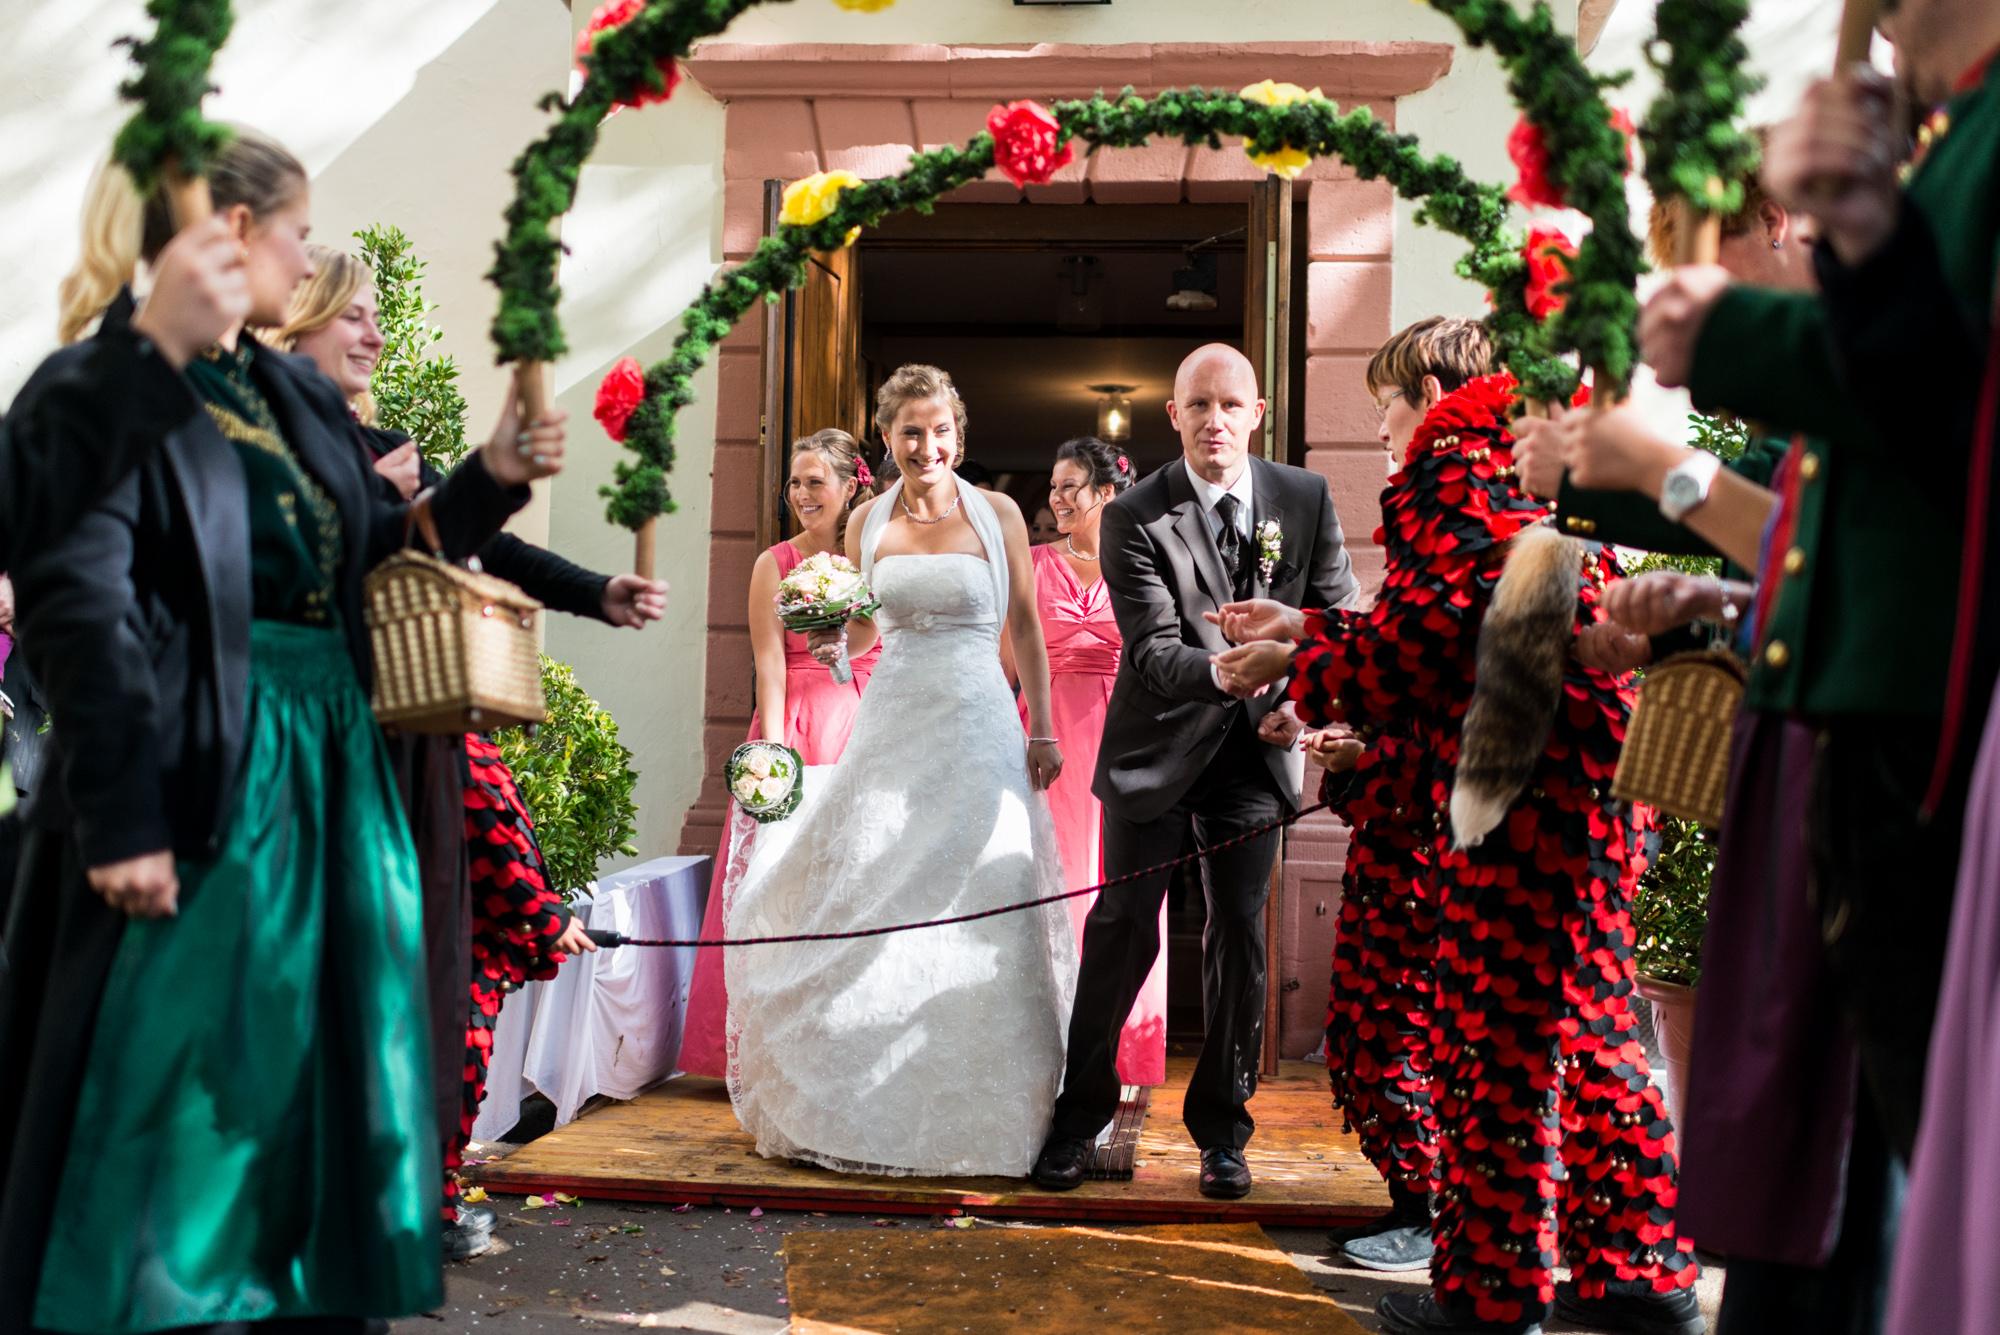 Fotograf Konstanz - Als Hochzeitsfotograf in Bad Dürrheim unterwegs  - 35 -